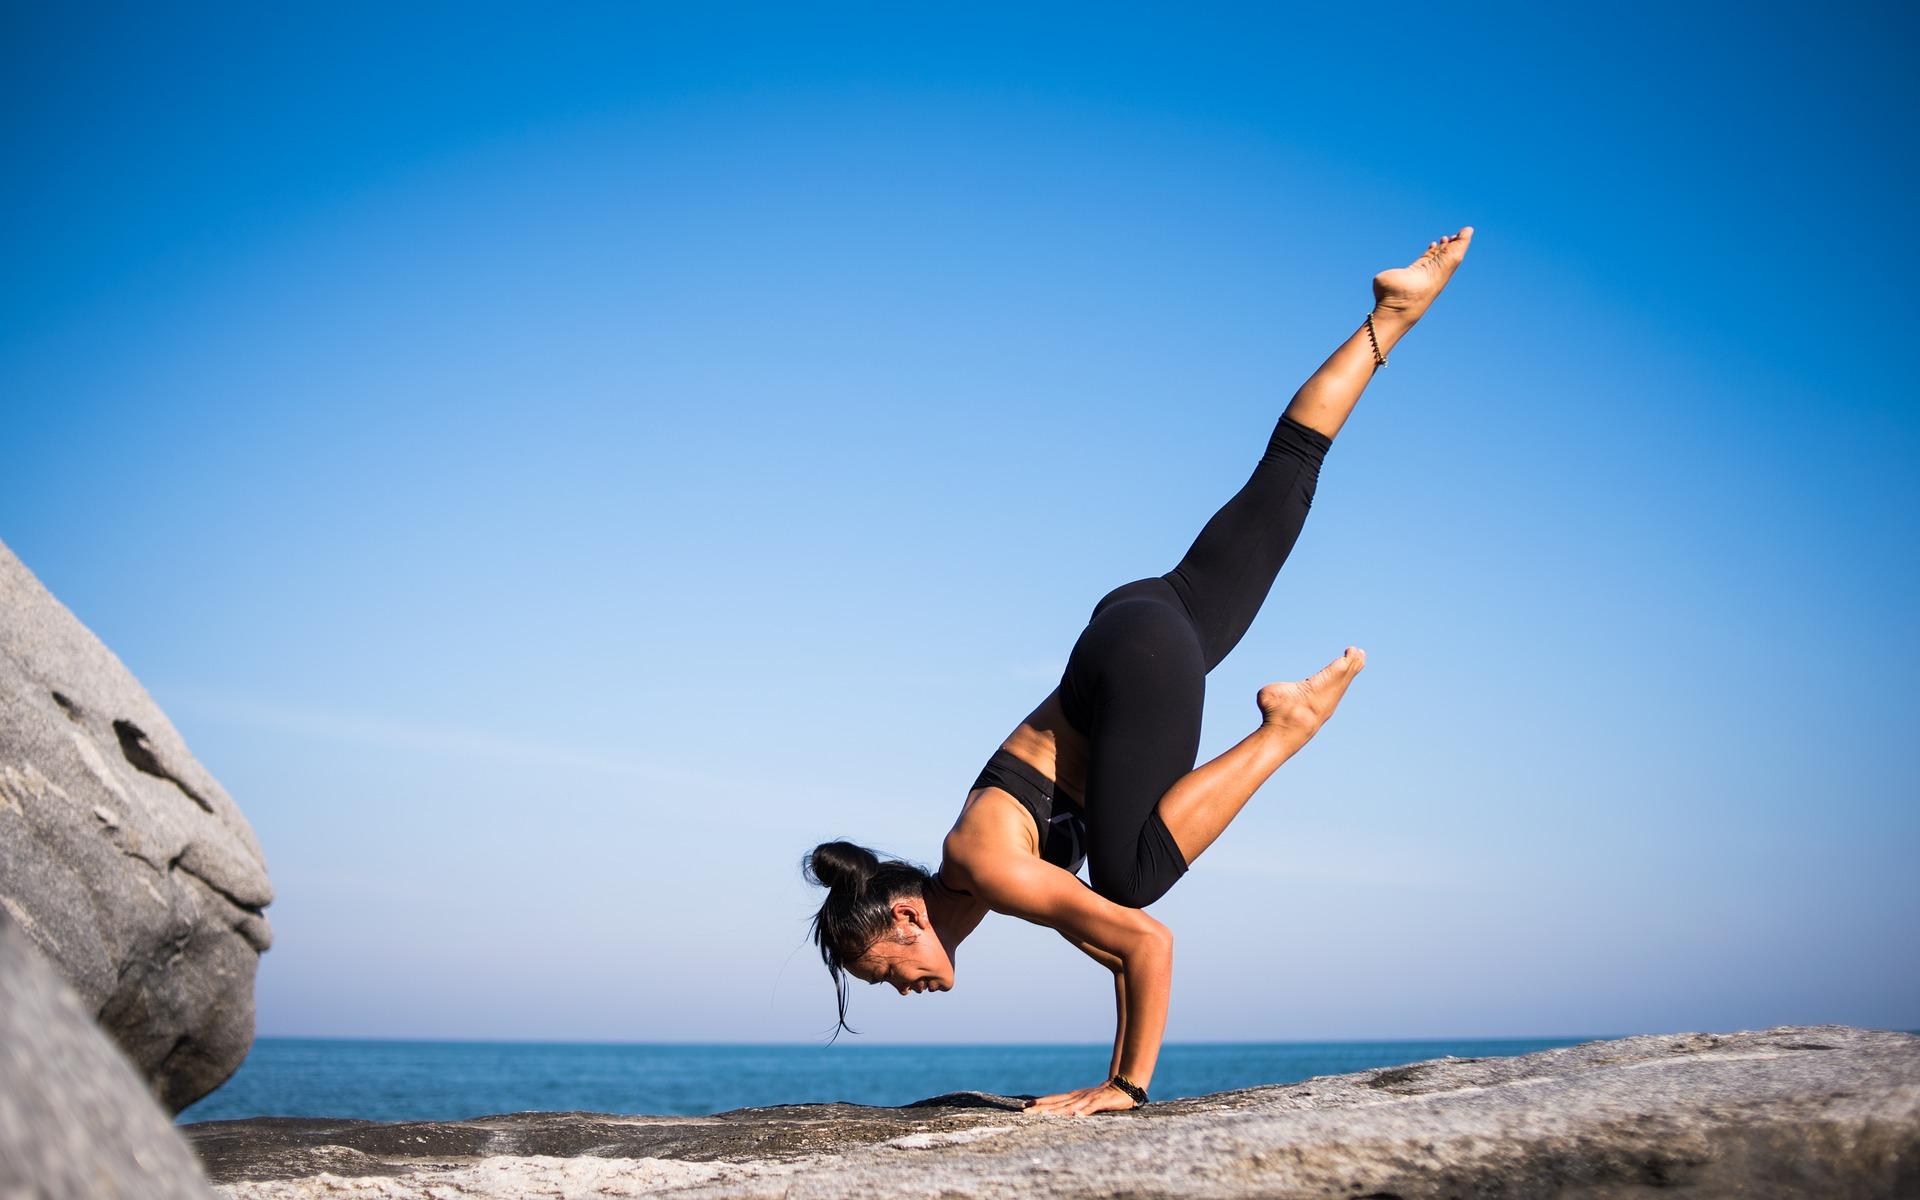 Tippek az egészséges életmódhoz